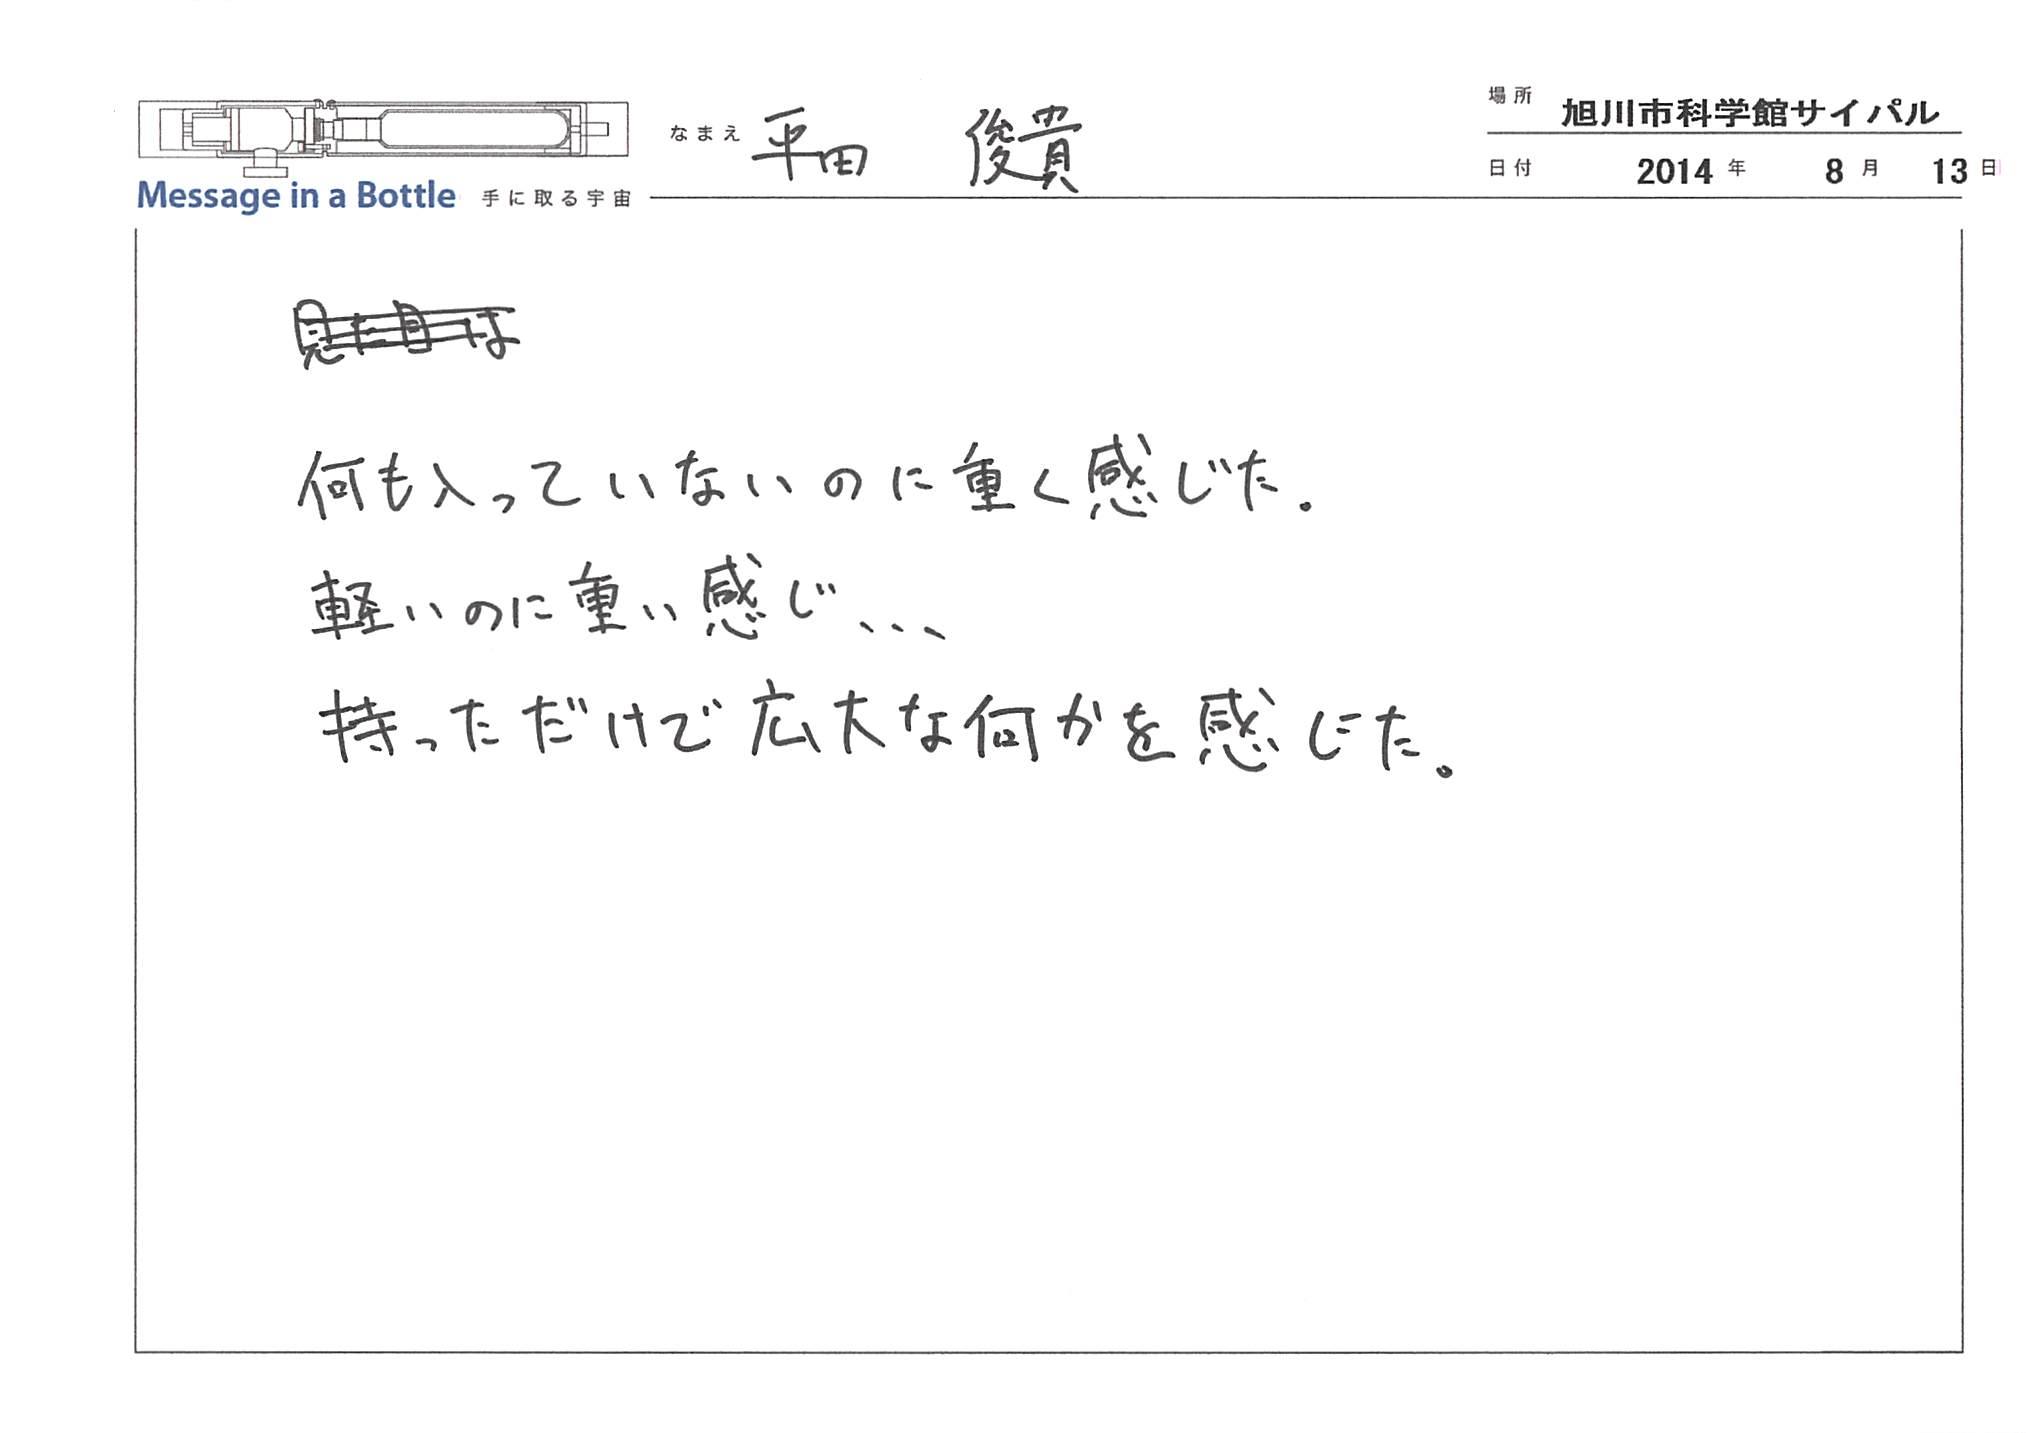 2014-08-13-19-04-31.jpg